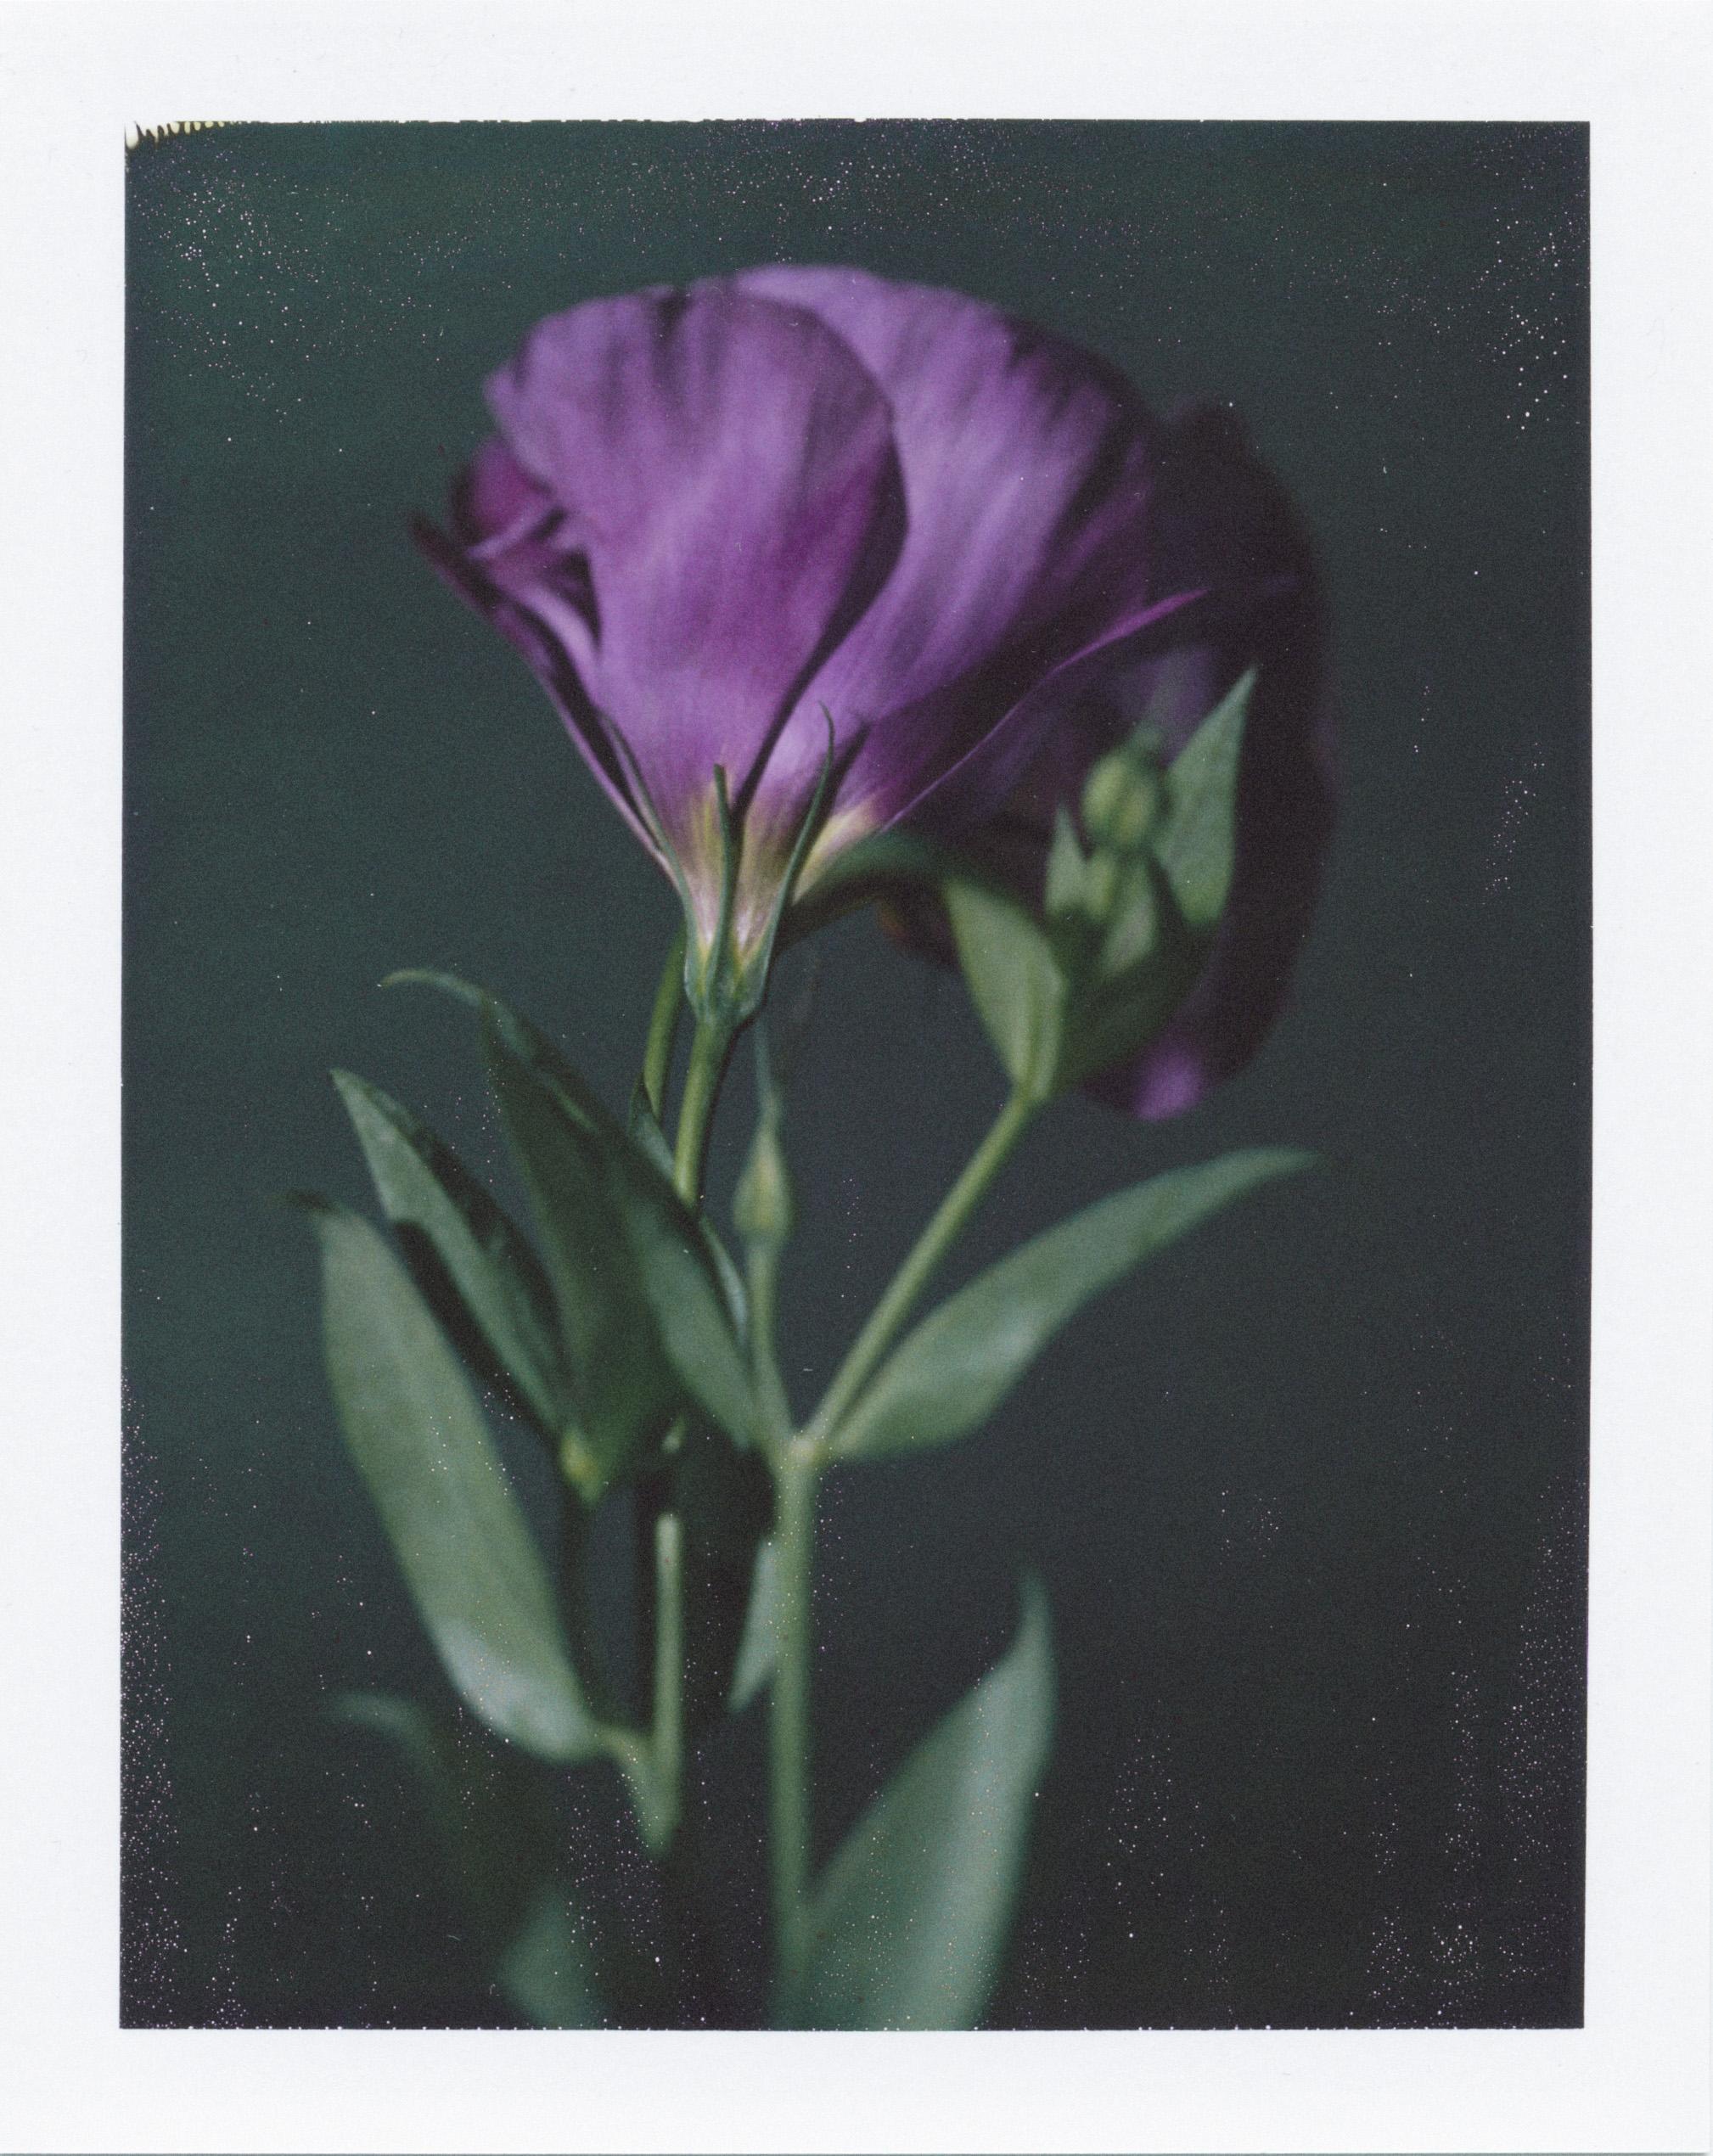 Pedro Pinho: a beleza de uma flor prestes a ser despedaçada